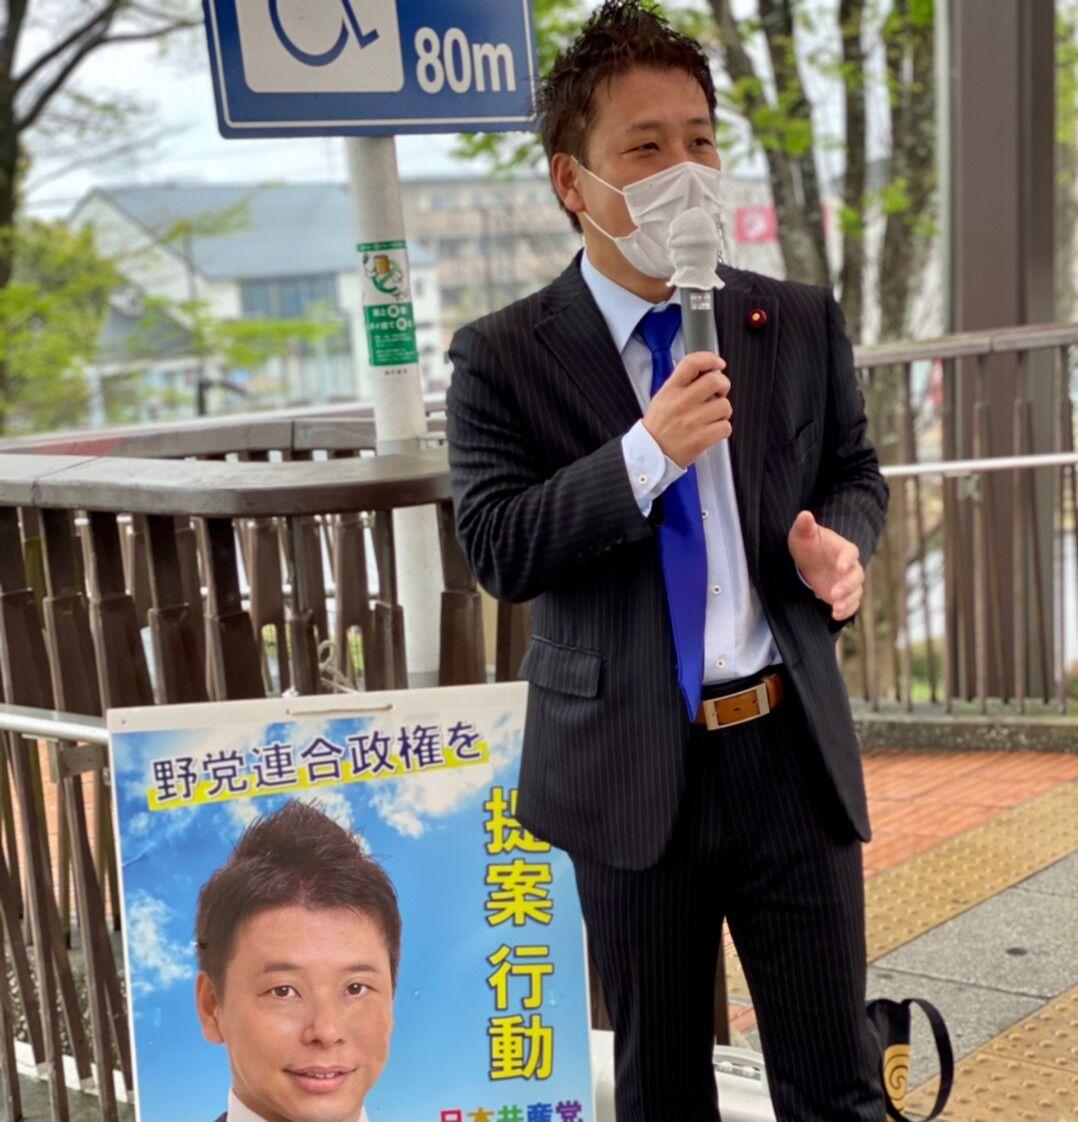 リバウンド防止のために大規模無料PCR検査を!鎌取駅で朝の市政報告